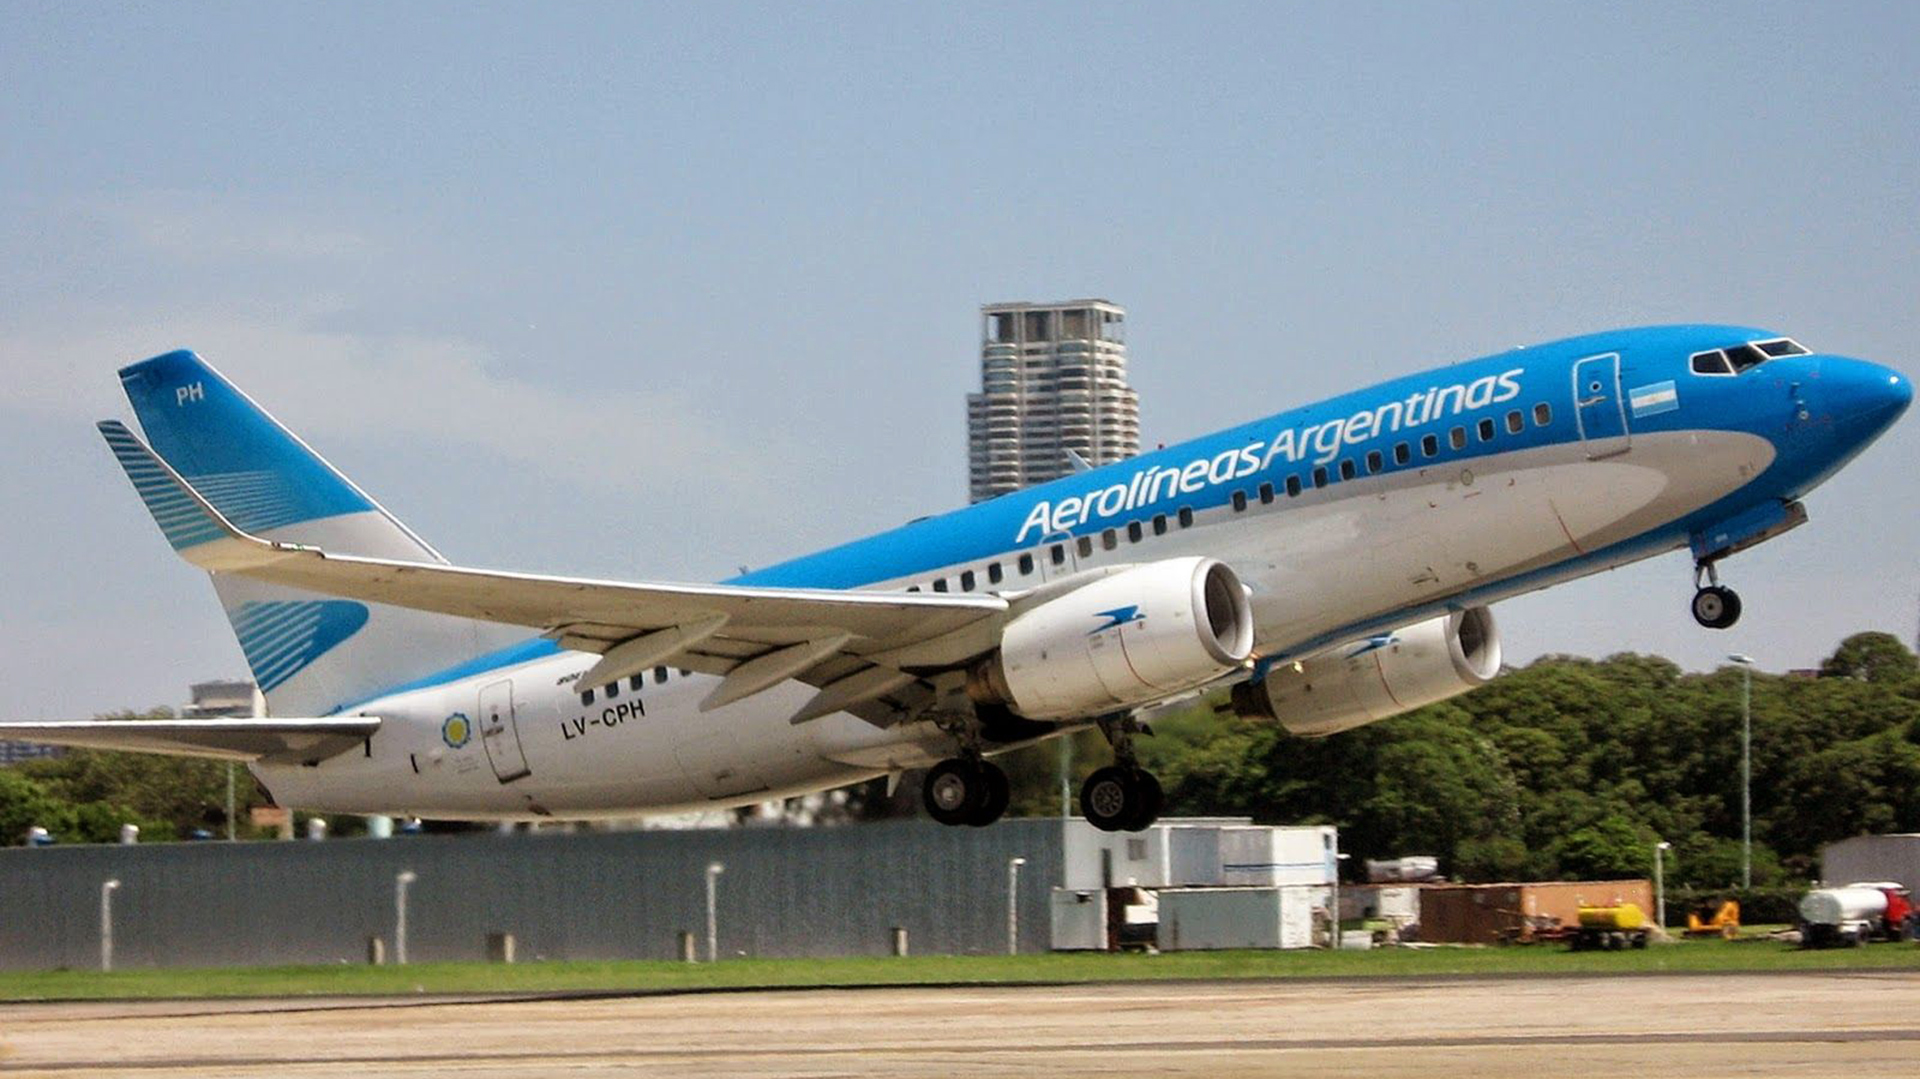 Uno de los aviones de Aerolíneas Argentinas